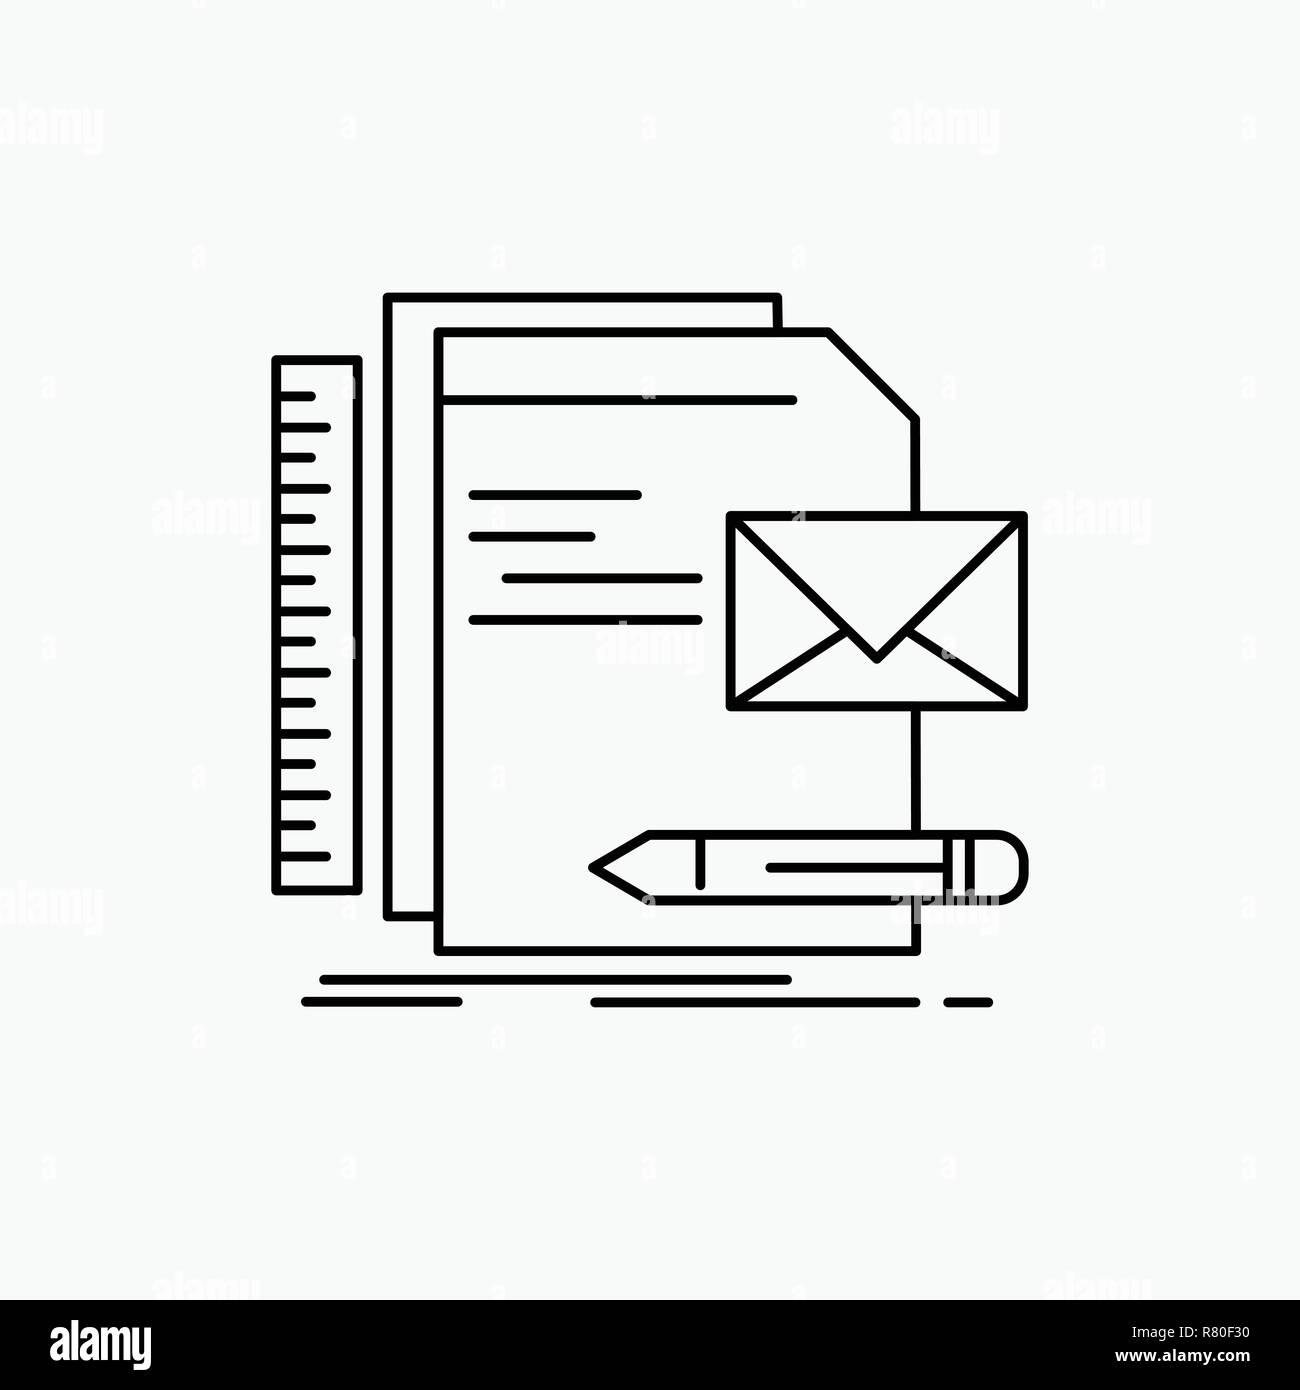 Marca Empresa Identidad Carta De Presentacion Icono De